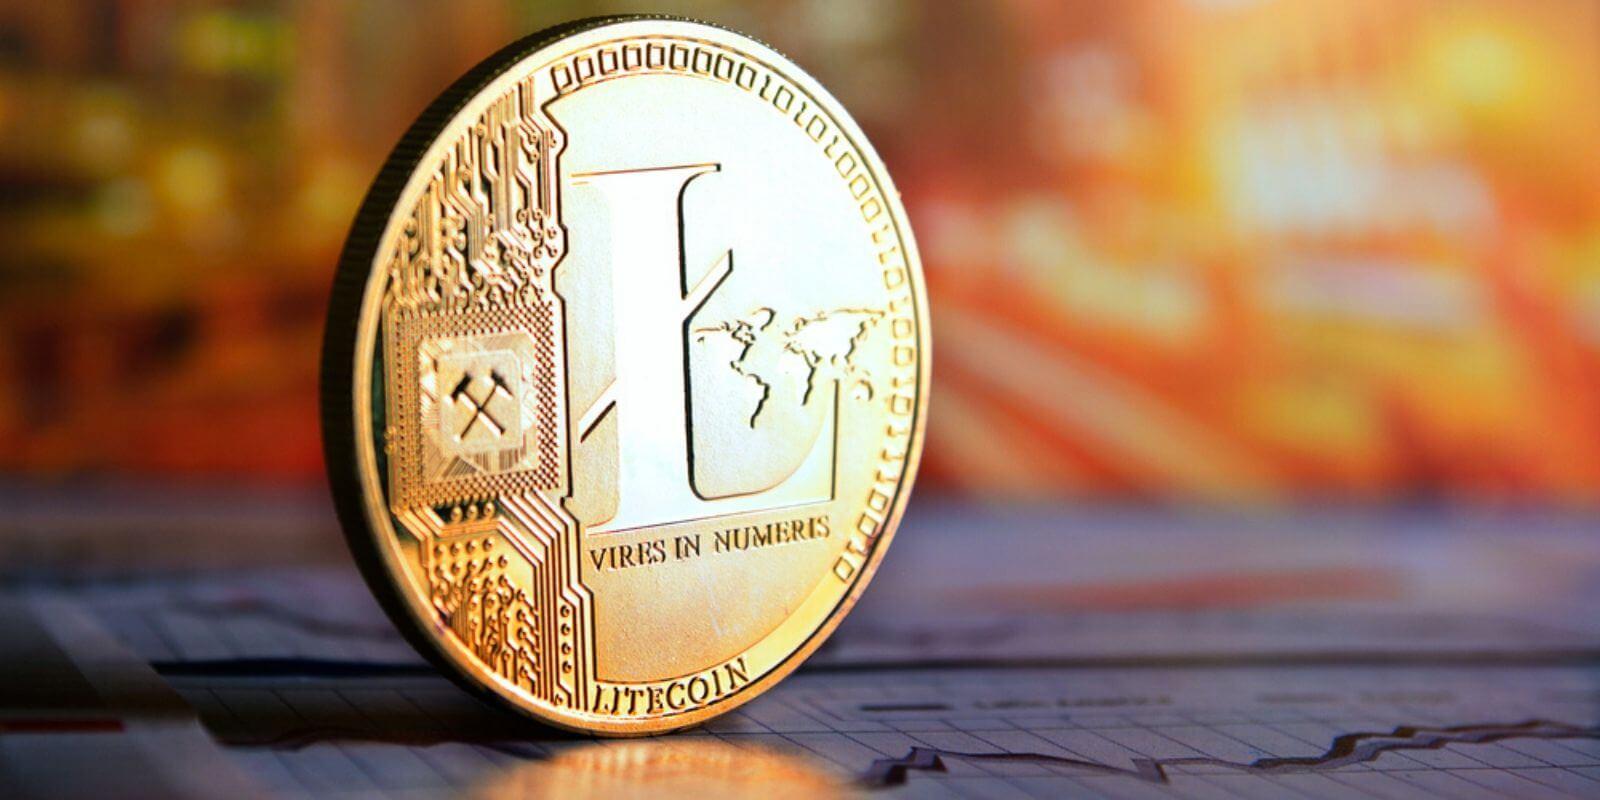 La fondation Litecoin propose un sortilège de langue de plomb pour sa blockchain